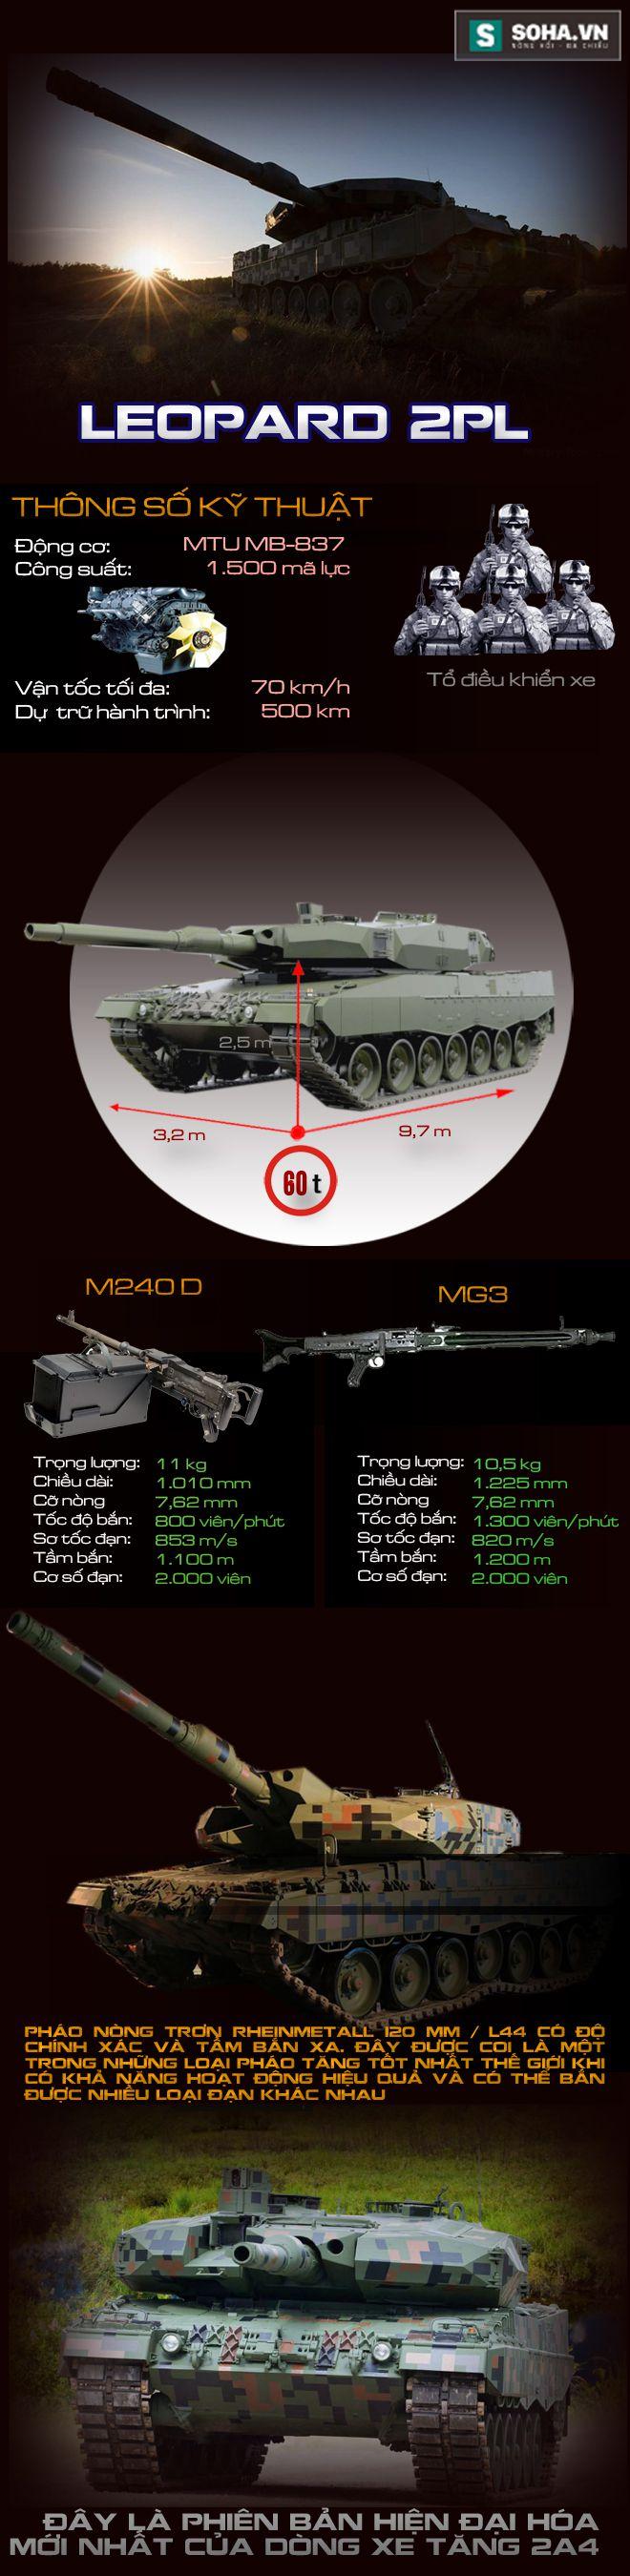 Chiếc xe tăng Ba Lan khiến Nga lo ngại nhất - Ảnh 1.